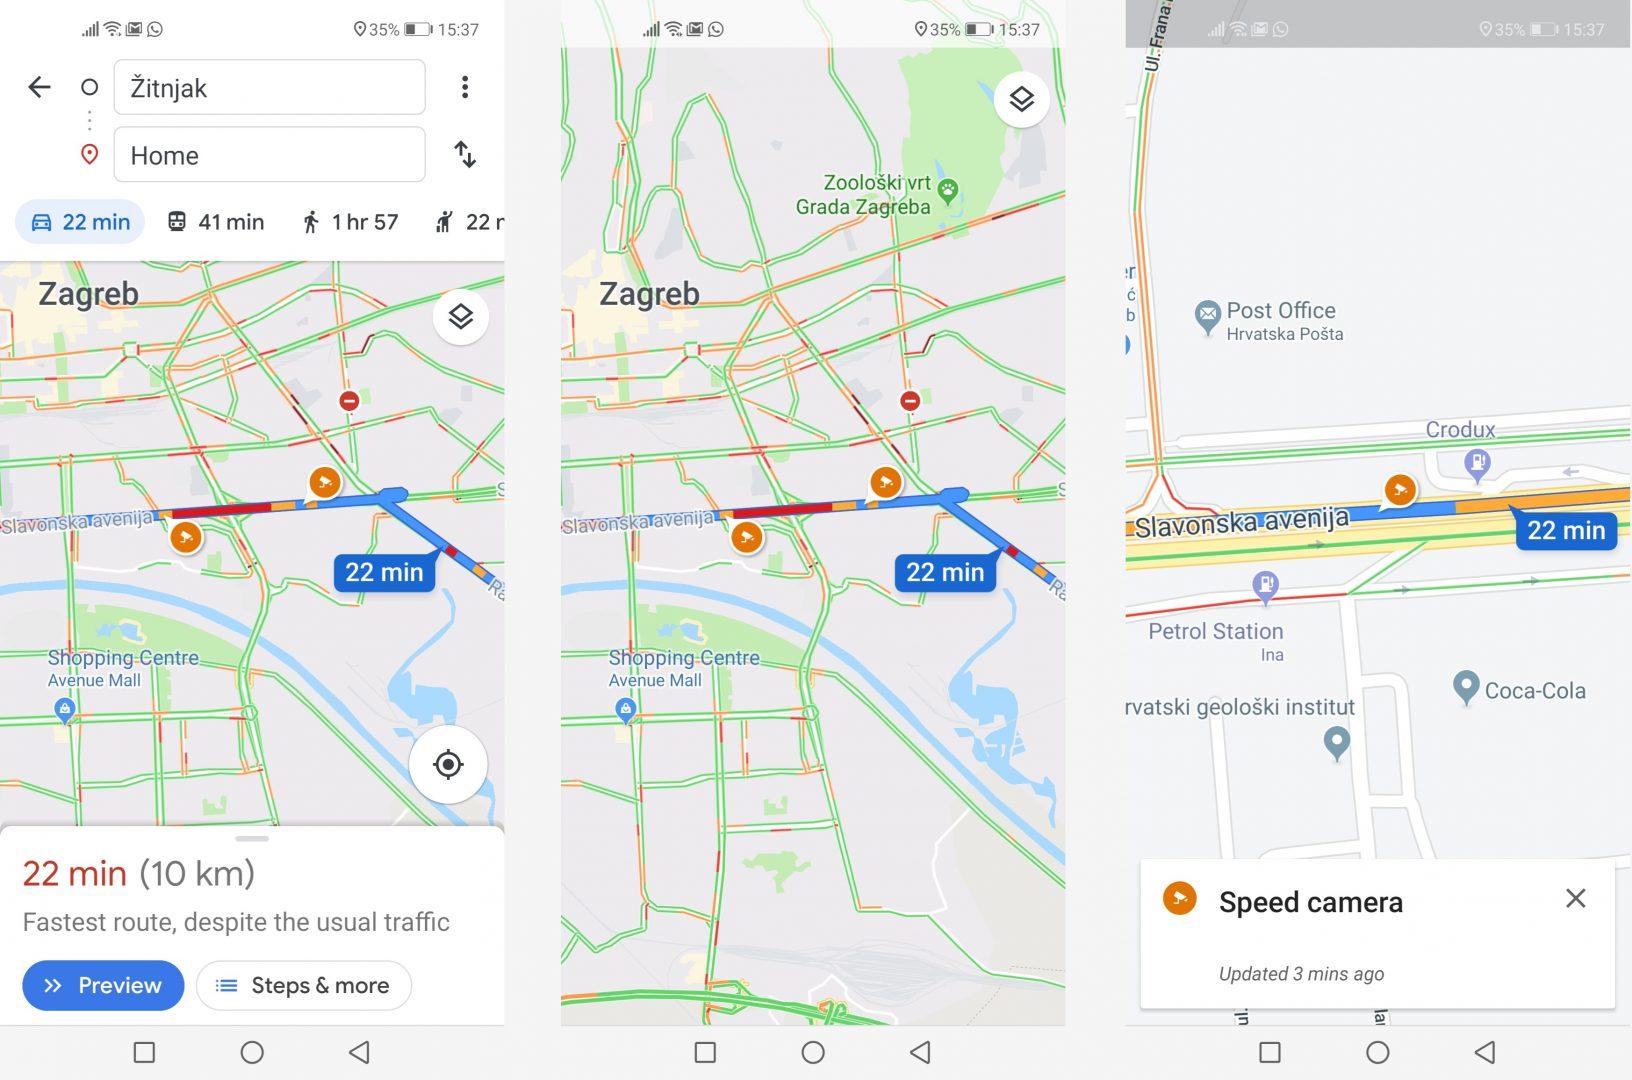 Ograničenje brzine i upozorenje na kamere za nadzor prometa stigli u Google Mape